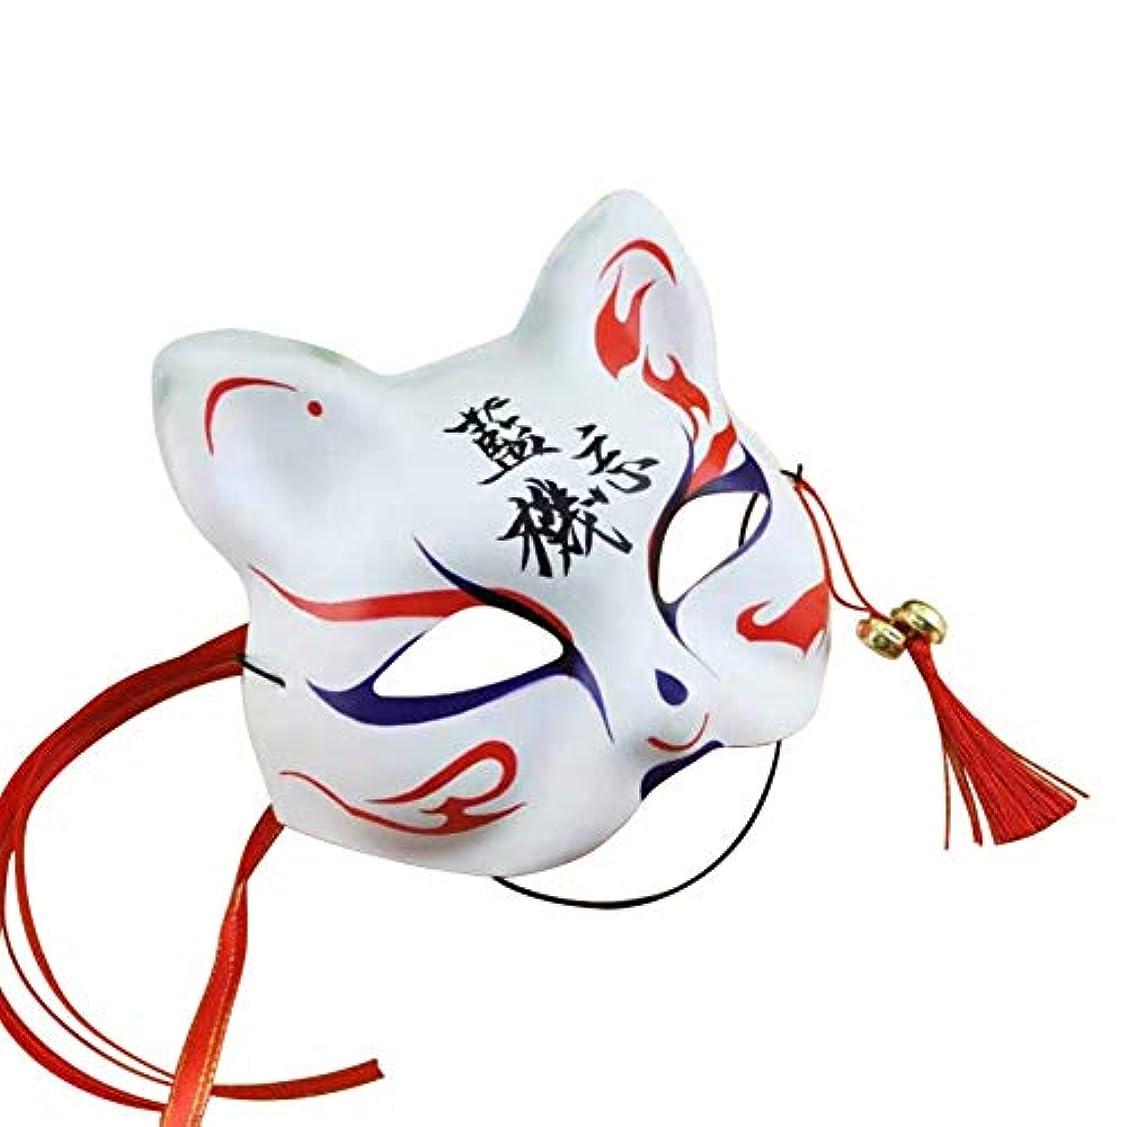 アクロバット革命知覚できるKISSION 仮面 キツネの仮面 タッセルと小さな鐘 フォックスマスク ユニセックス パーティーマスク小道具 コスプレマスク プラスチックマスク